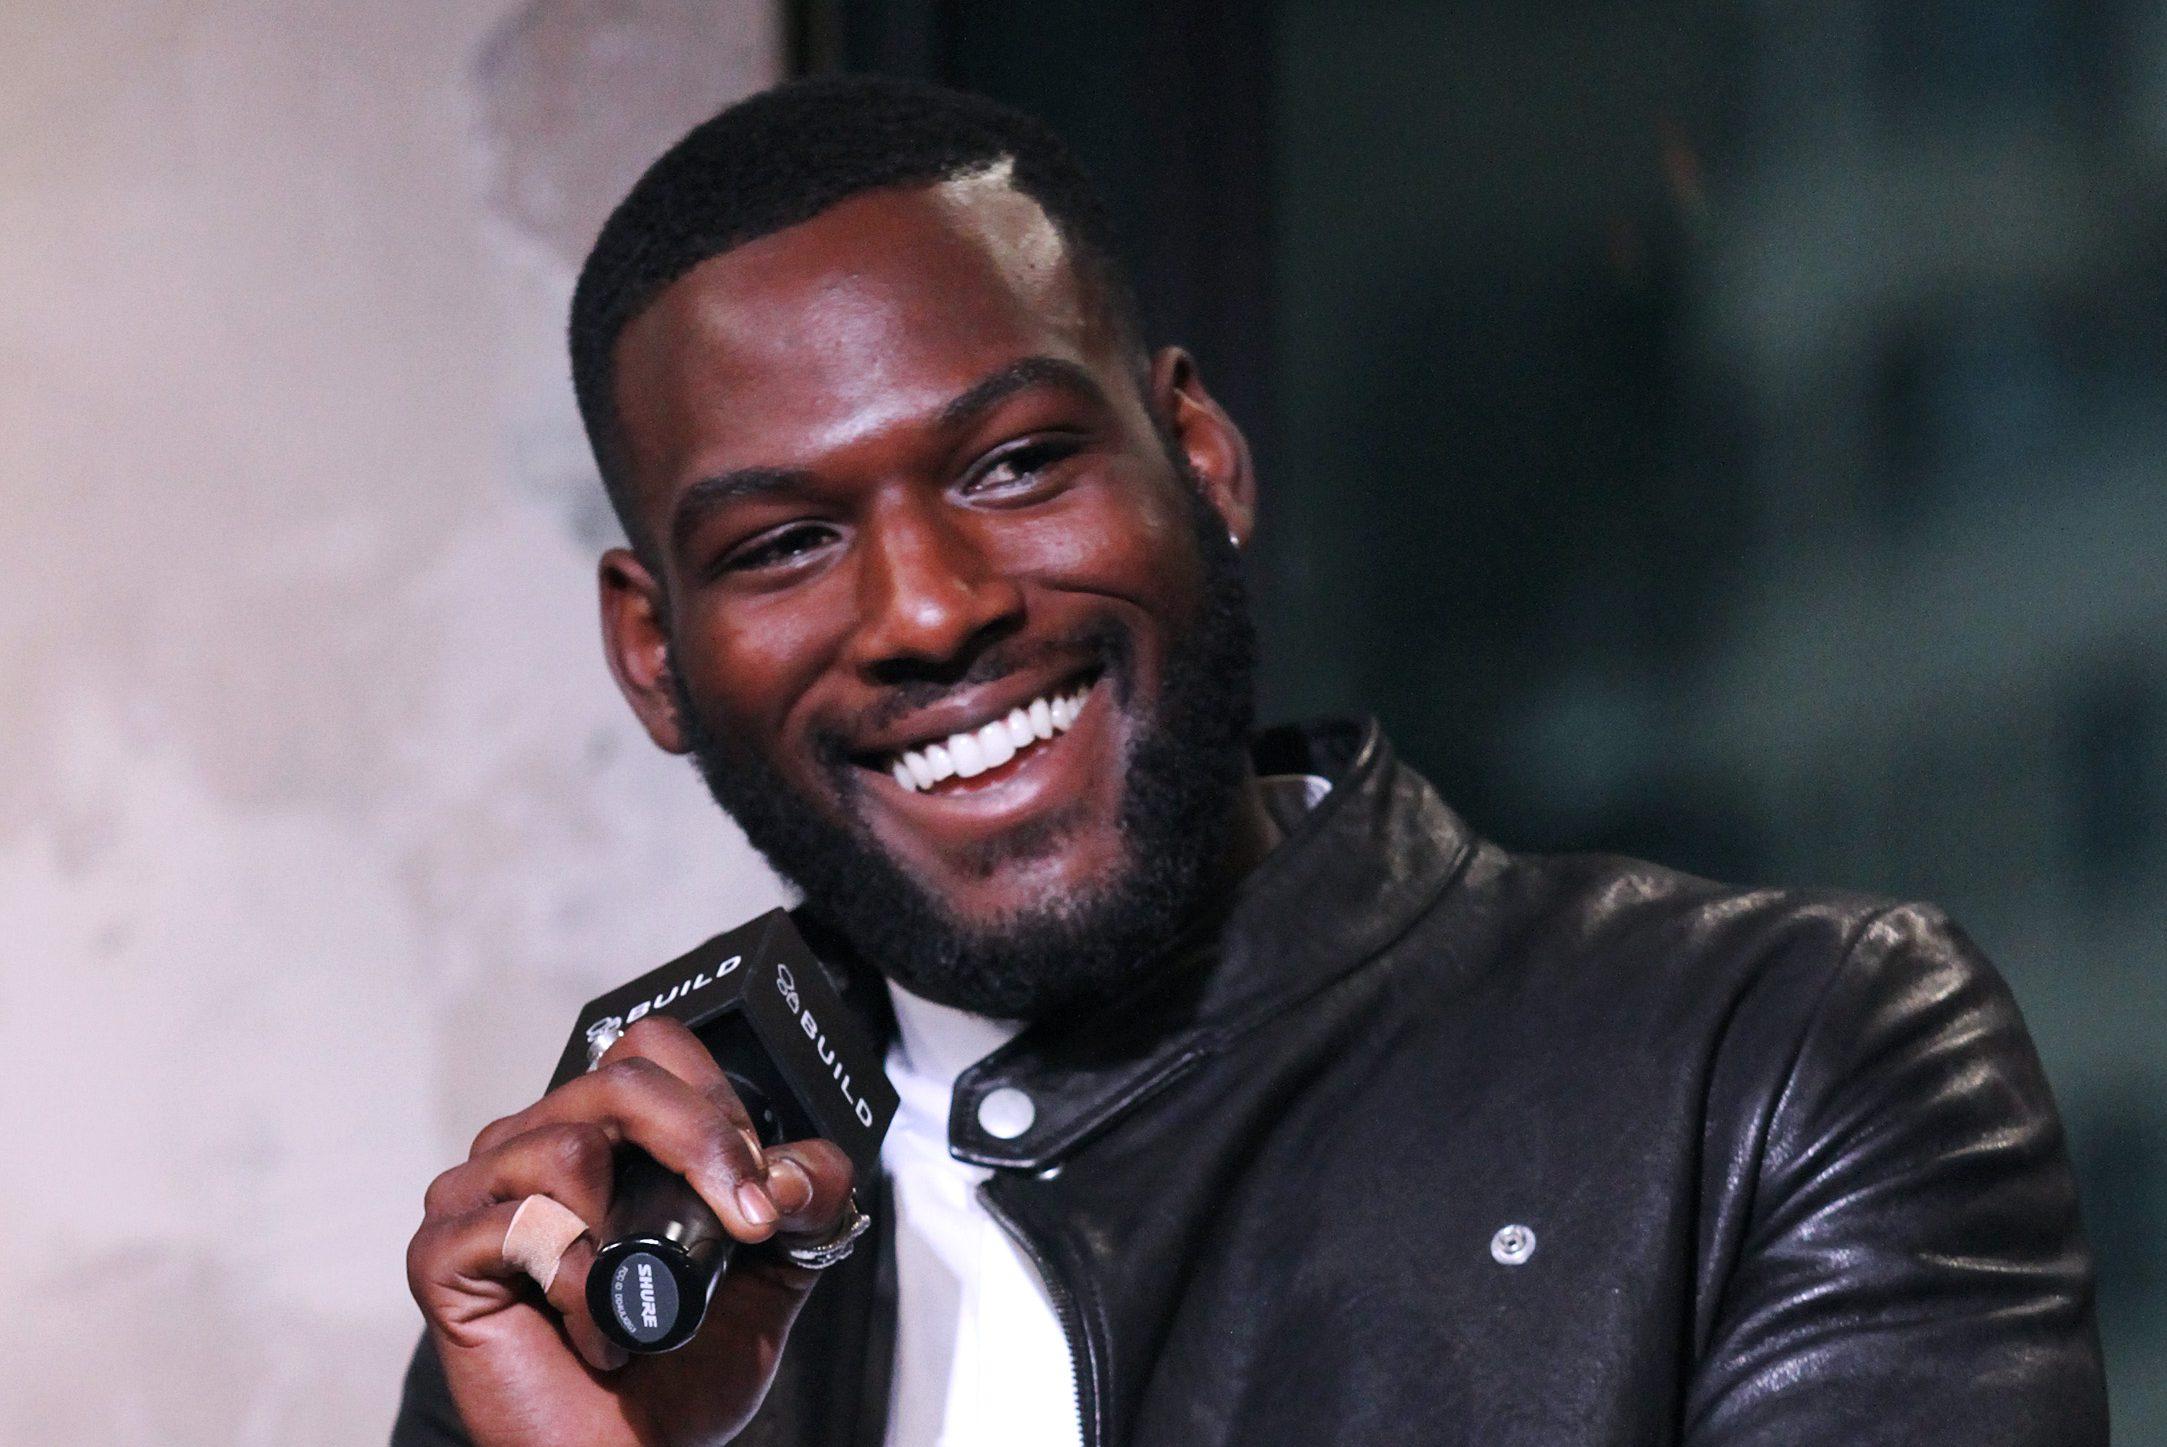 Sexy black male